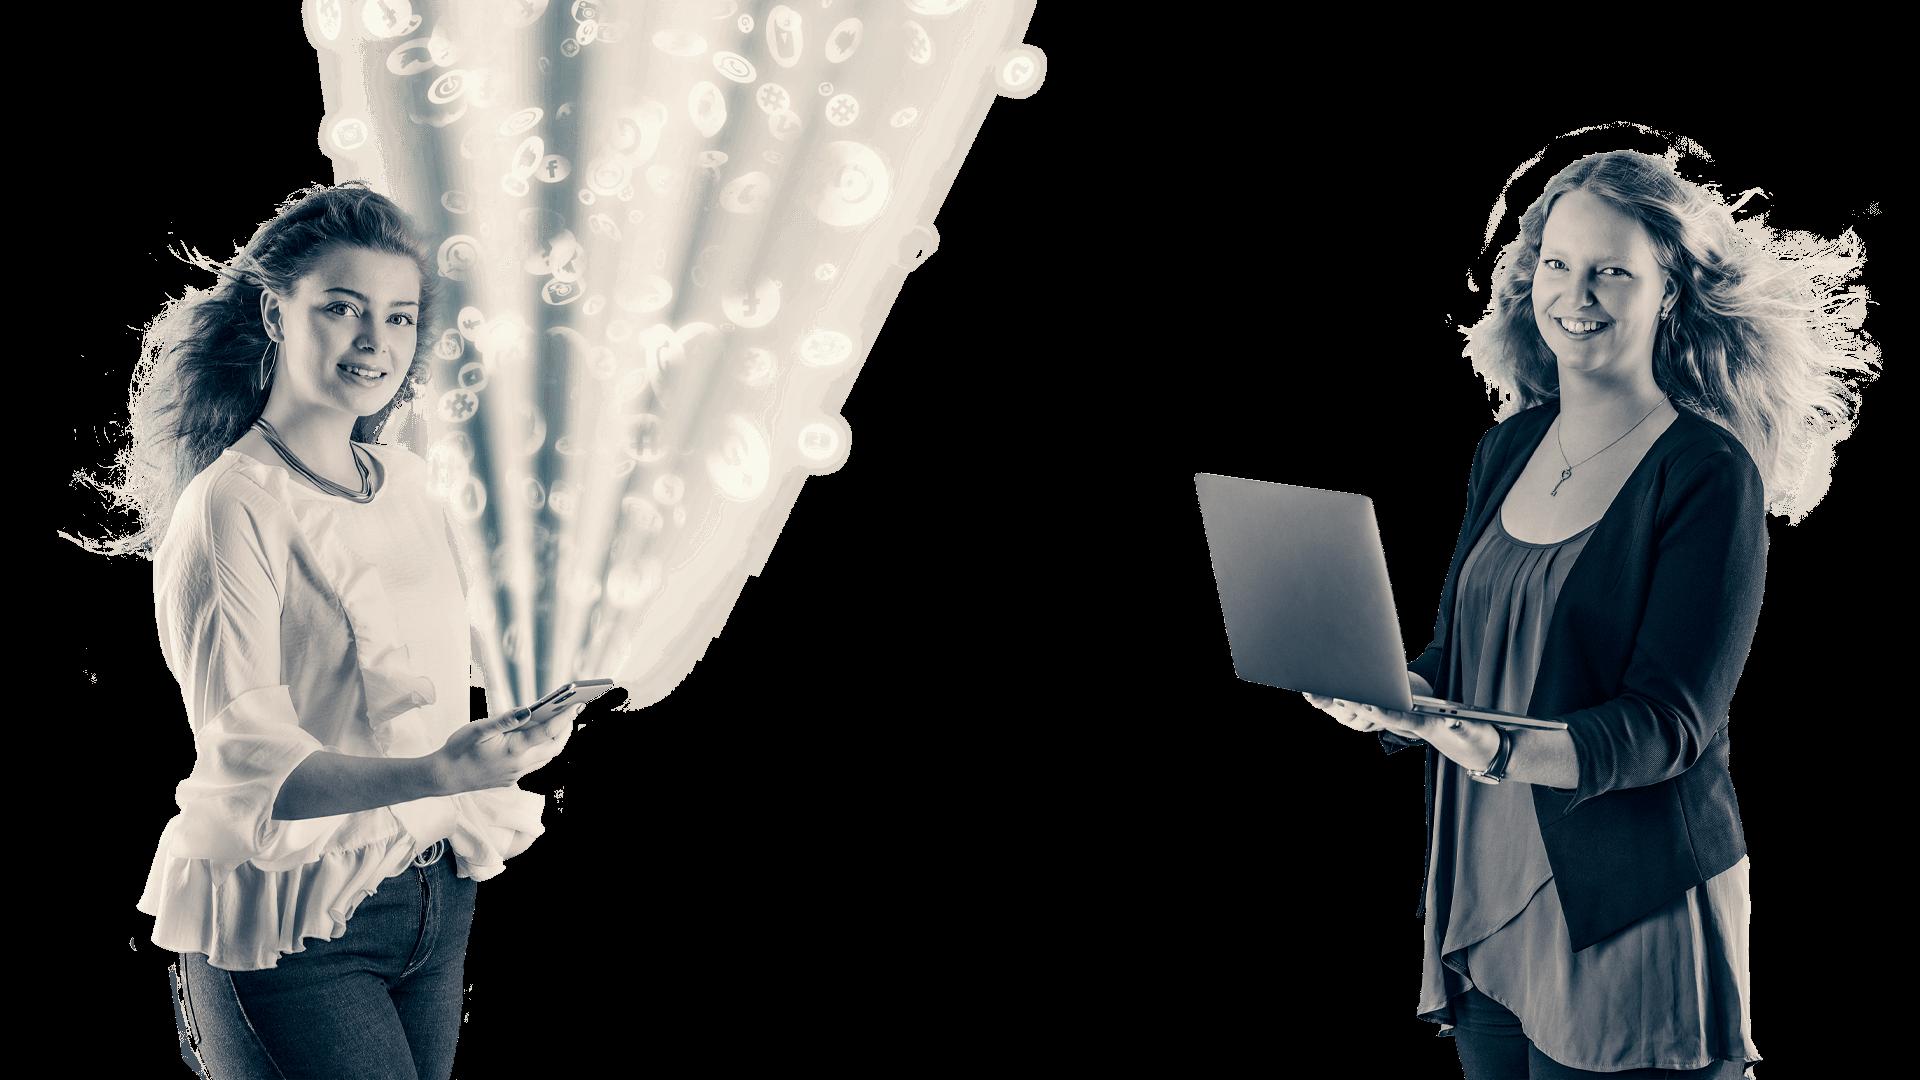 Professionelle Umsetzungen im Bereich SocialMedia sind wertvolle Ergänzungen im Marketing-Mix von Unternehmen - Agentur David Bock